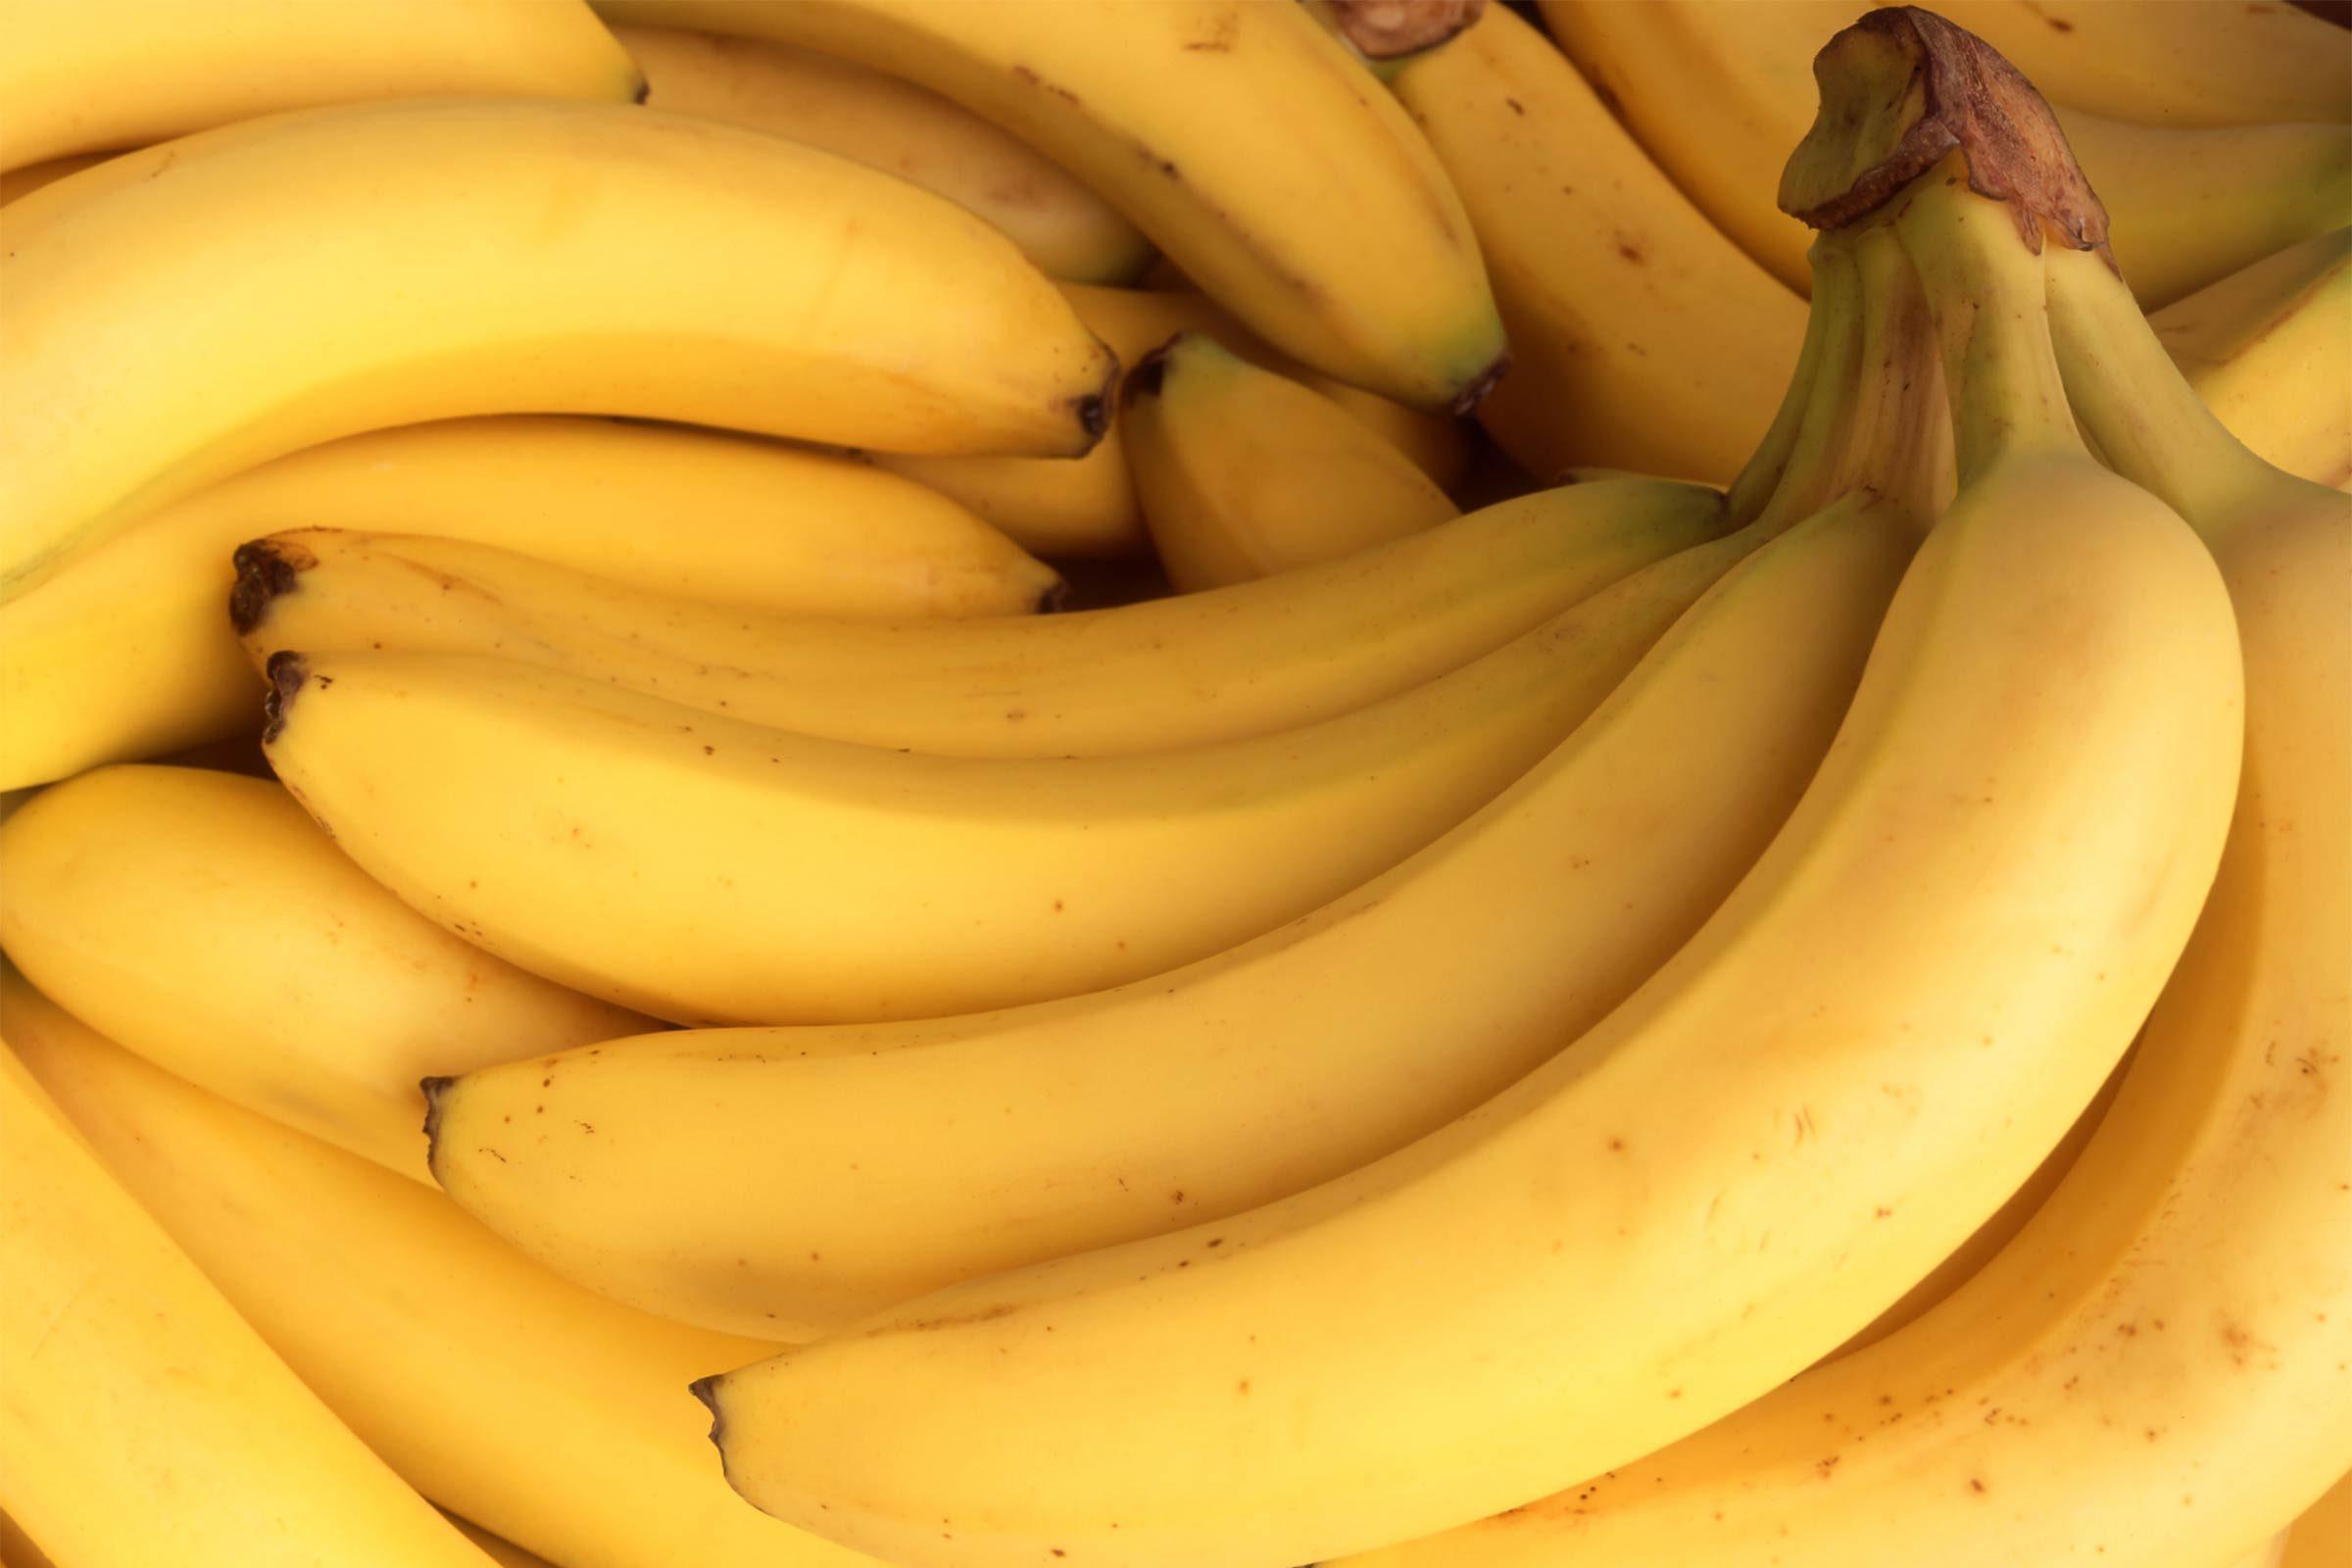 023_banana_The_38_Dumbest